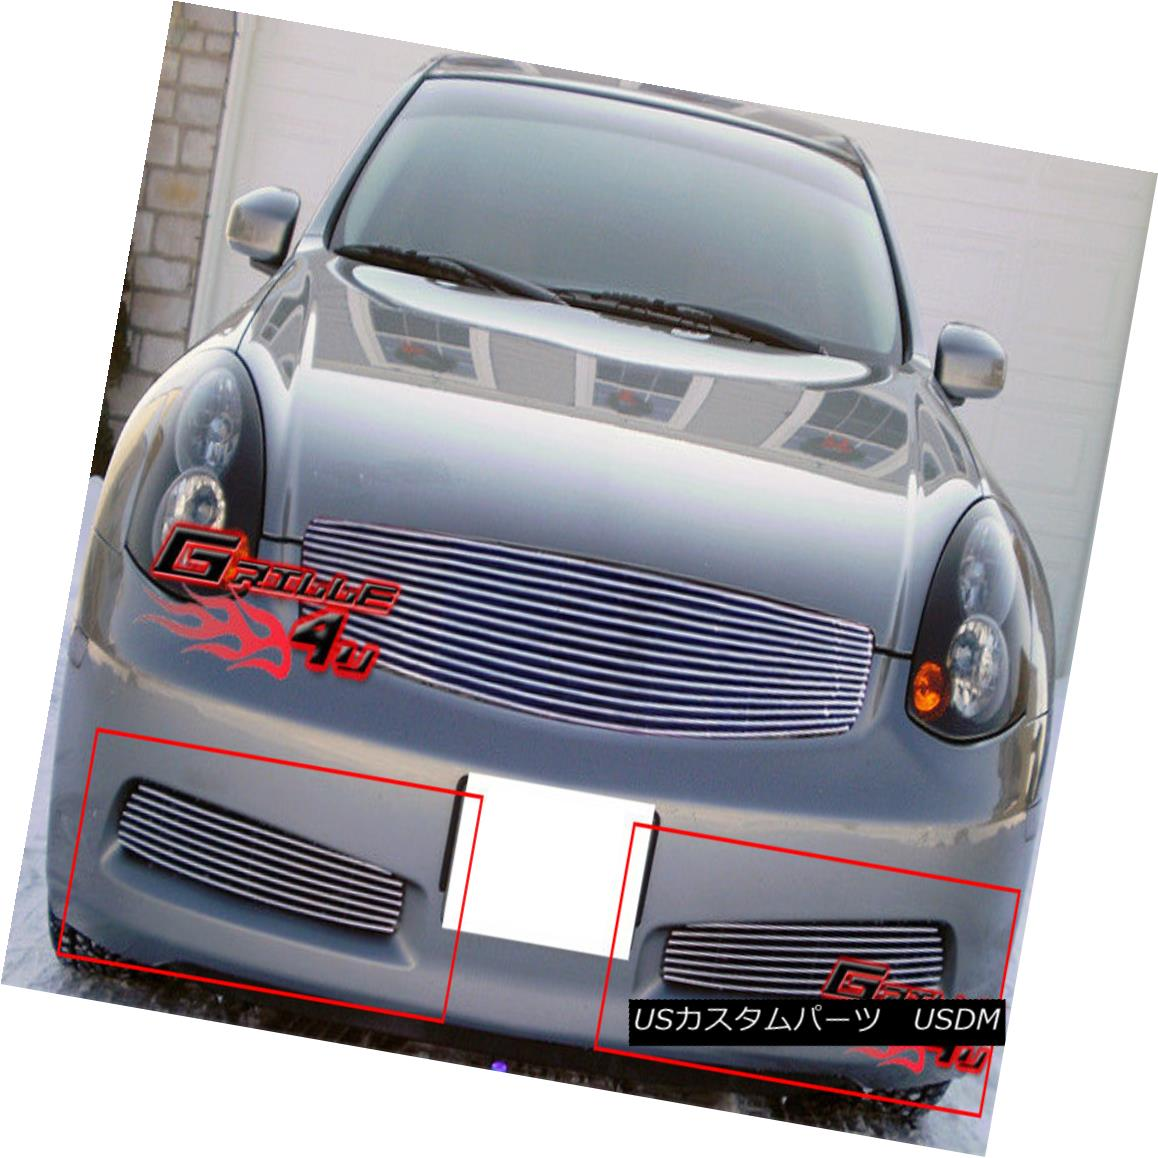 グリル Fits 03-07 Infiniti G35 Coupe Lower Bumper Billet Grille Insert フィット03-07インフィニティG35クーペロワーバンパービレットグリルインサート